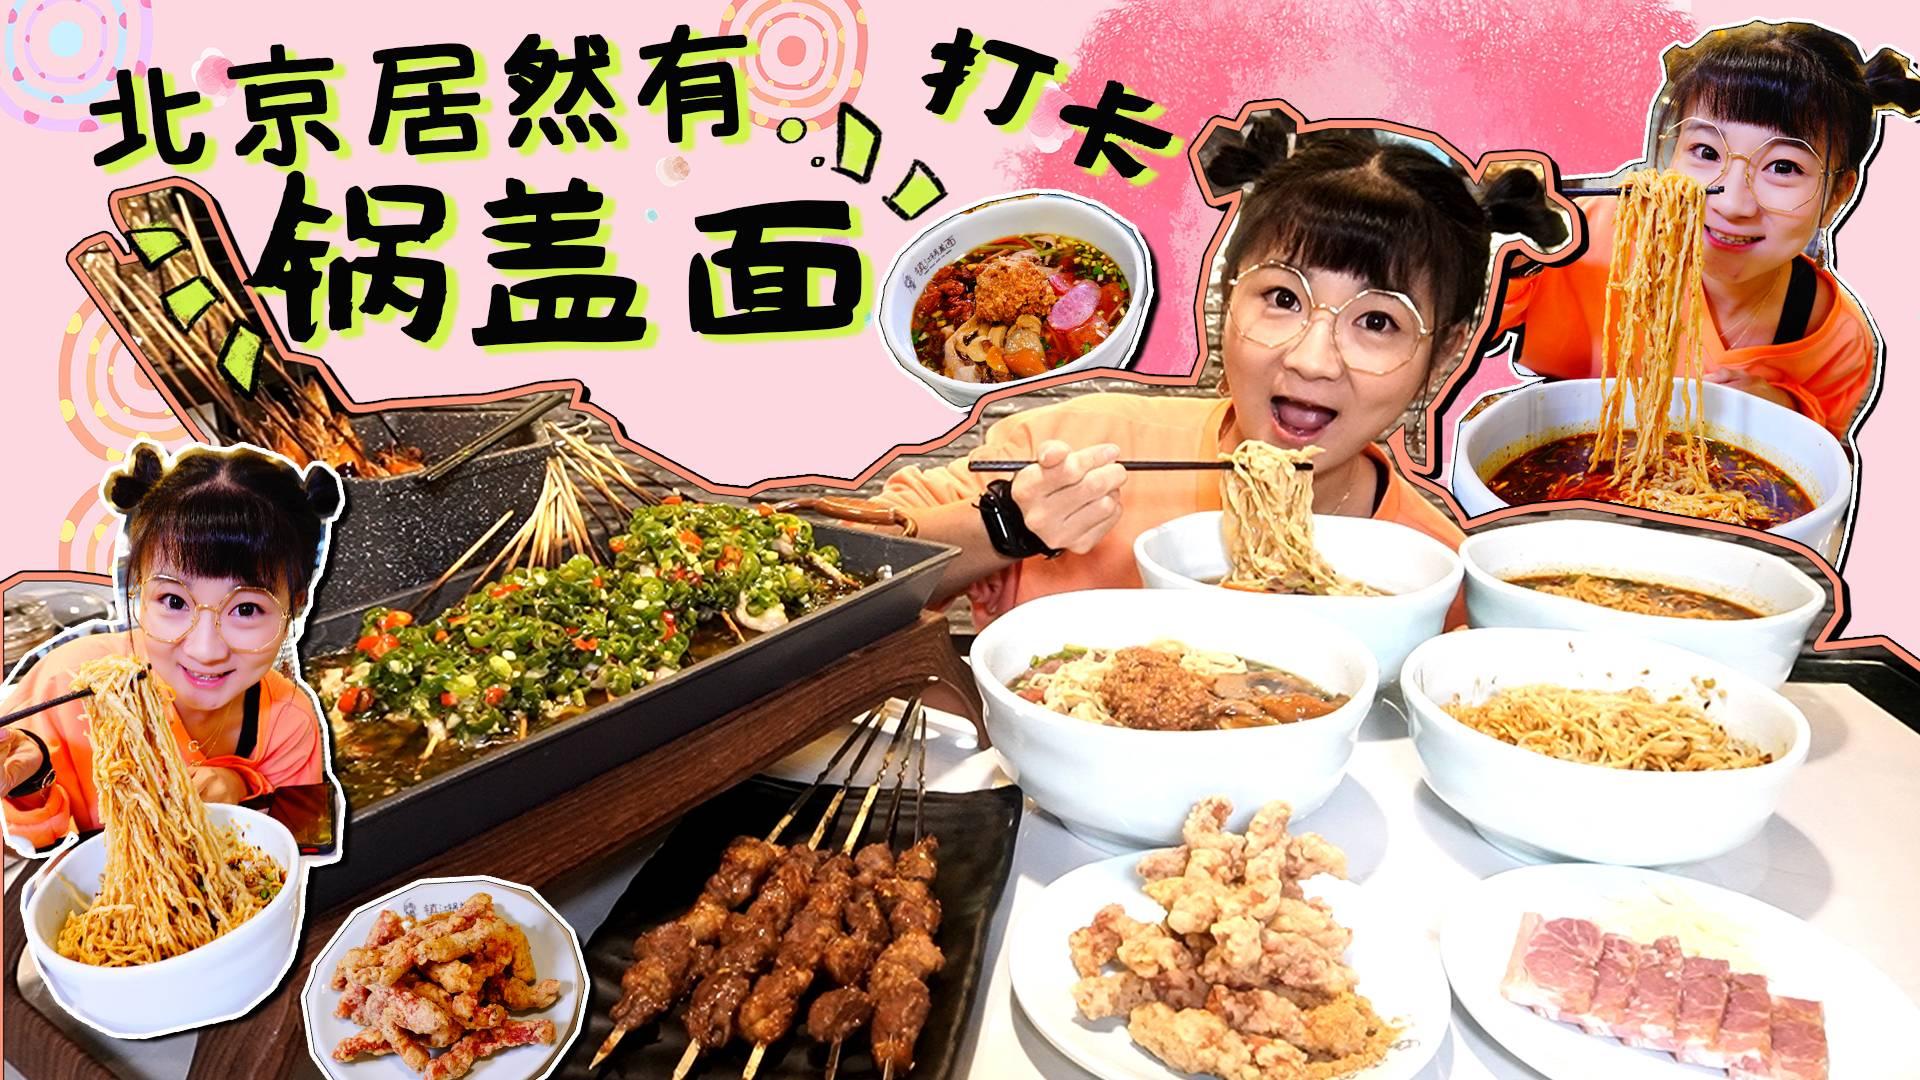 【小猪猪的宝藏店】镇江锅盖面在北京也能吃到啦,锅里真的煮锅盖!